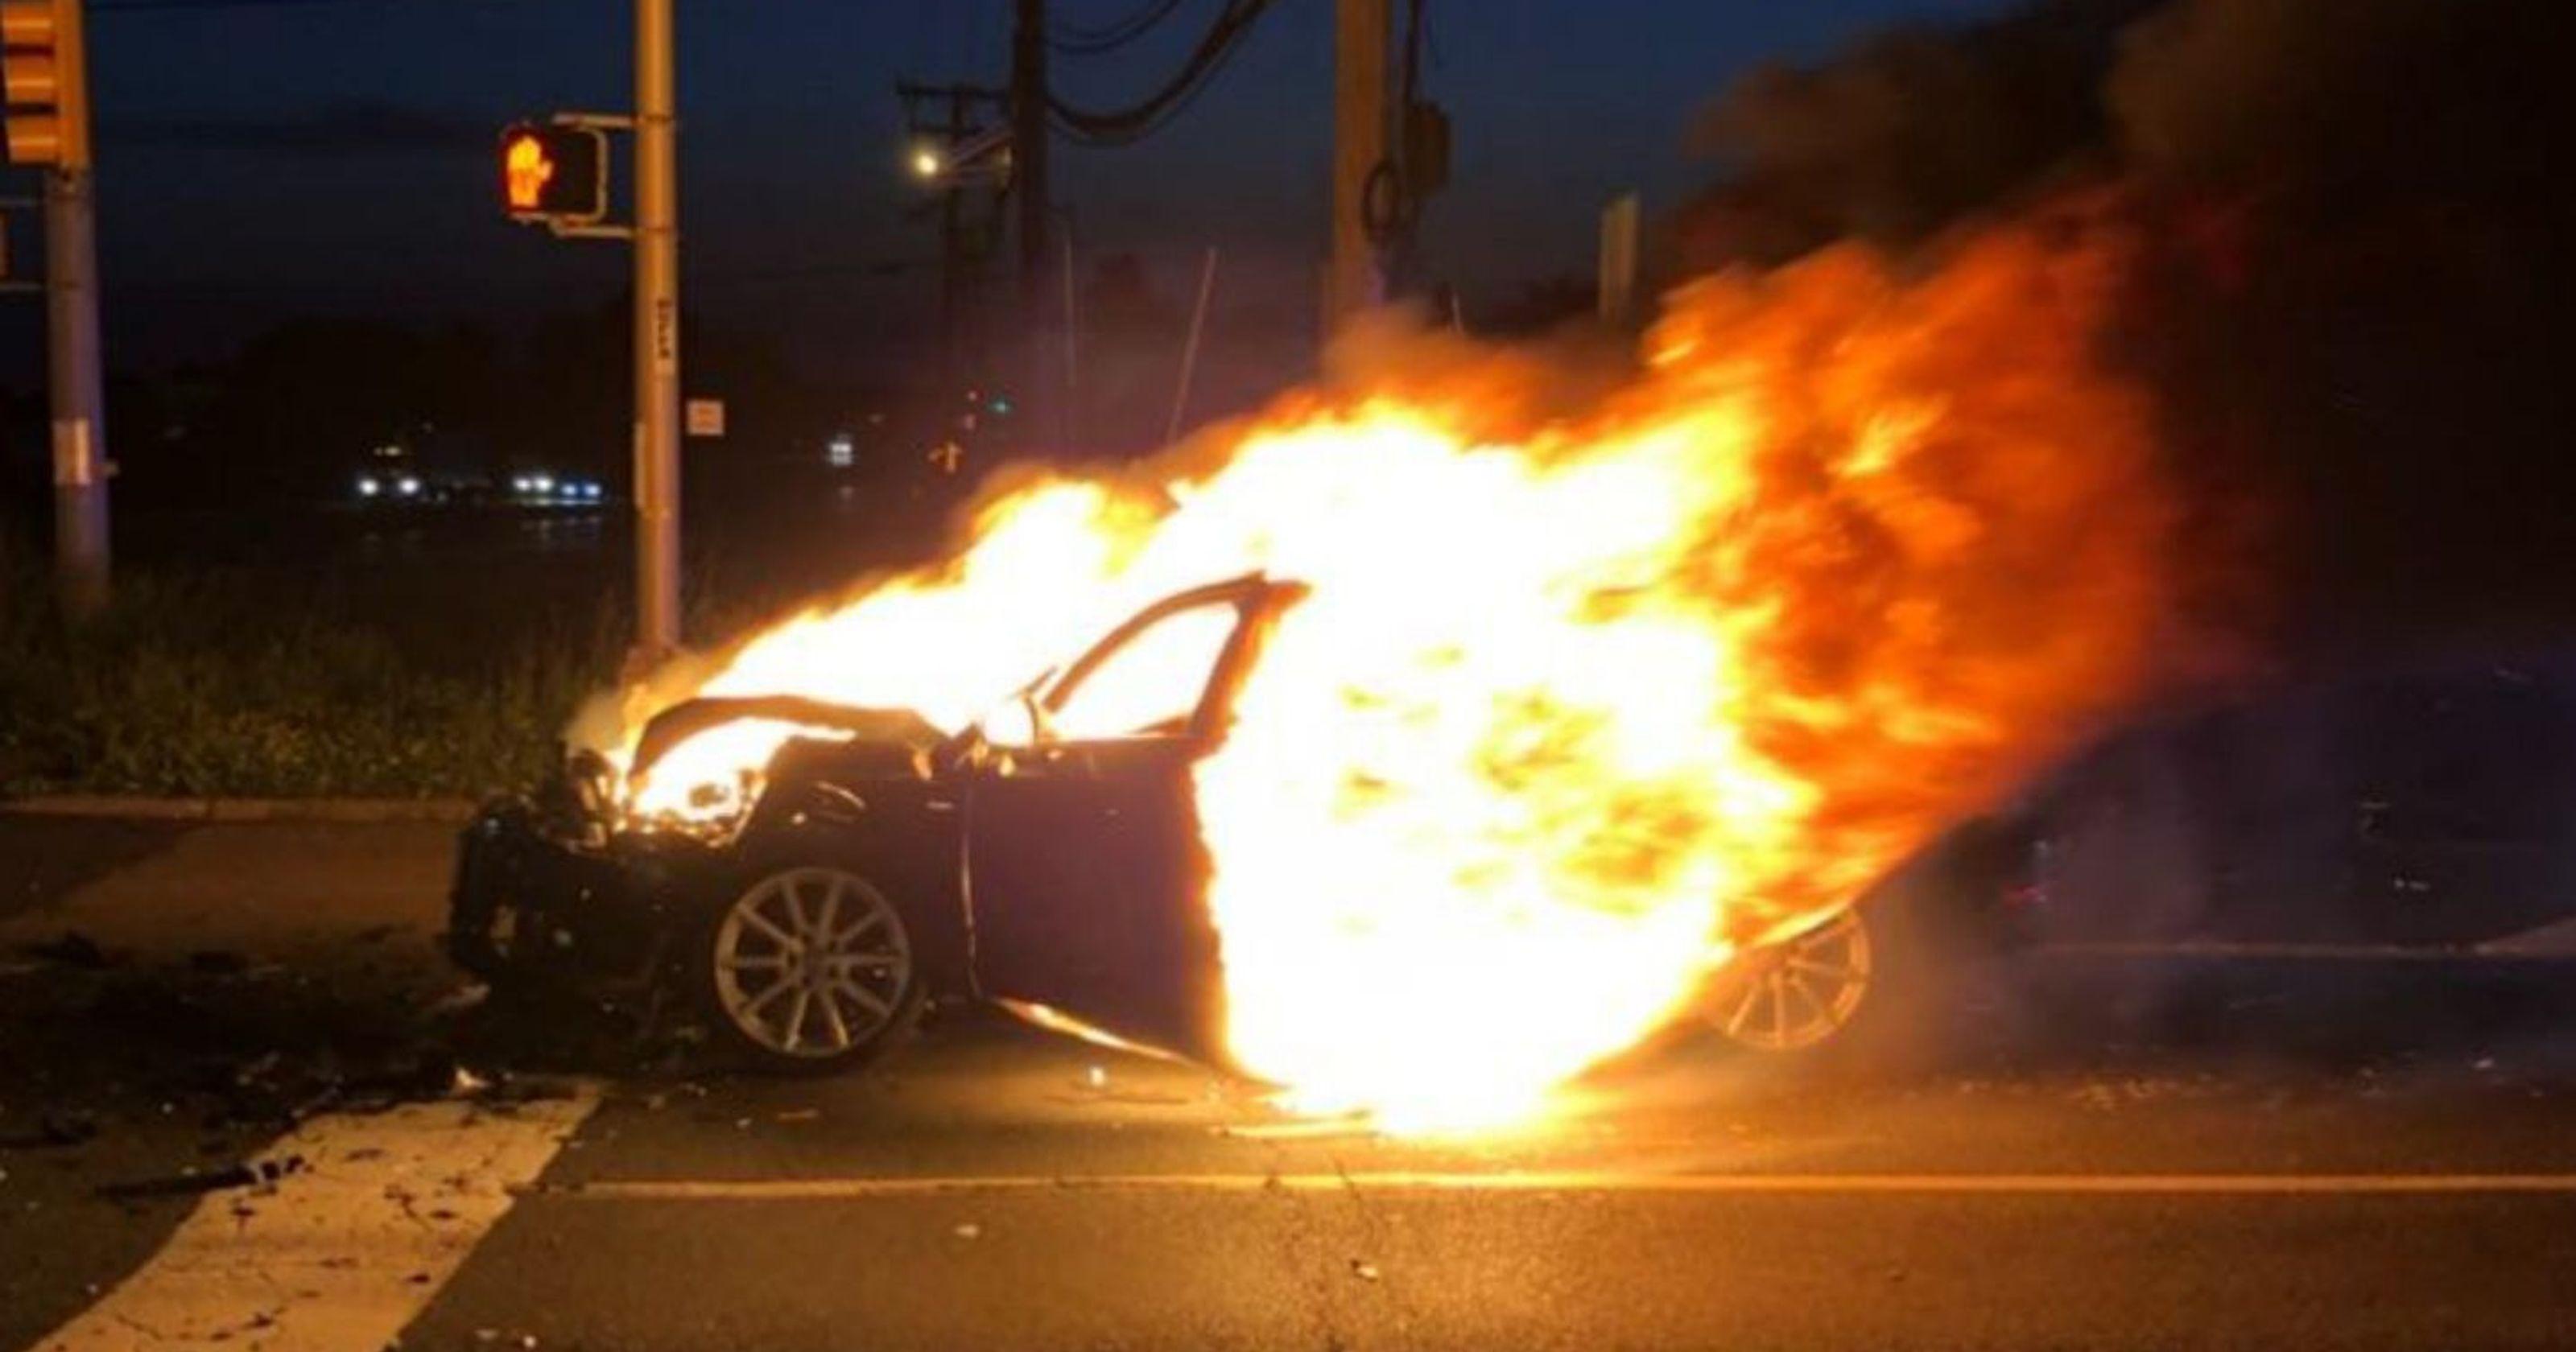 突发!本拿比Kingsway一辆车烧了!交通瘫痪大家注意绕行!就在知名华人餐厅门口!